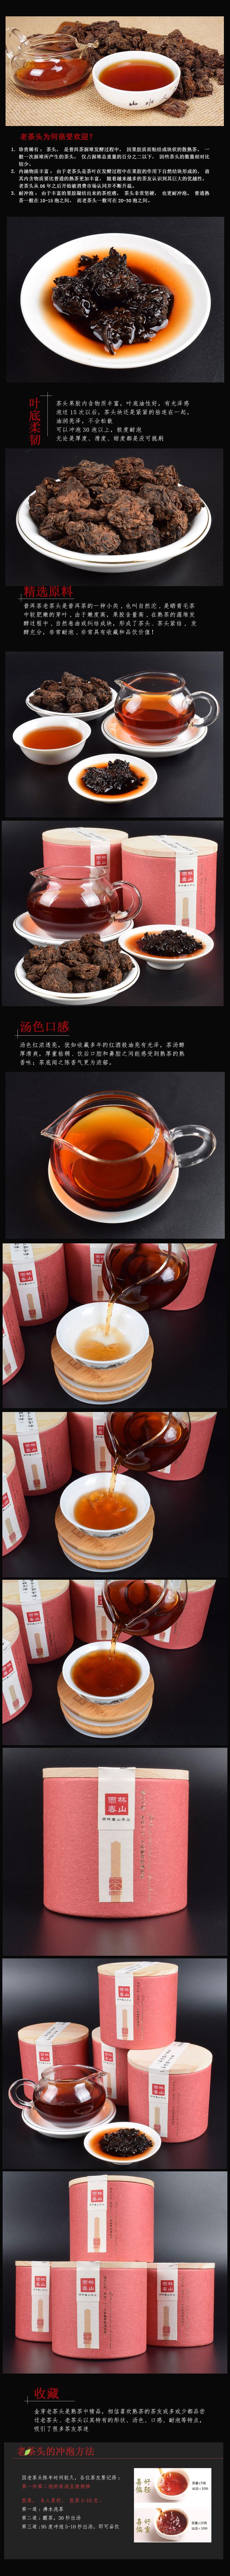 03茶头125克.jpg